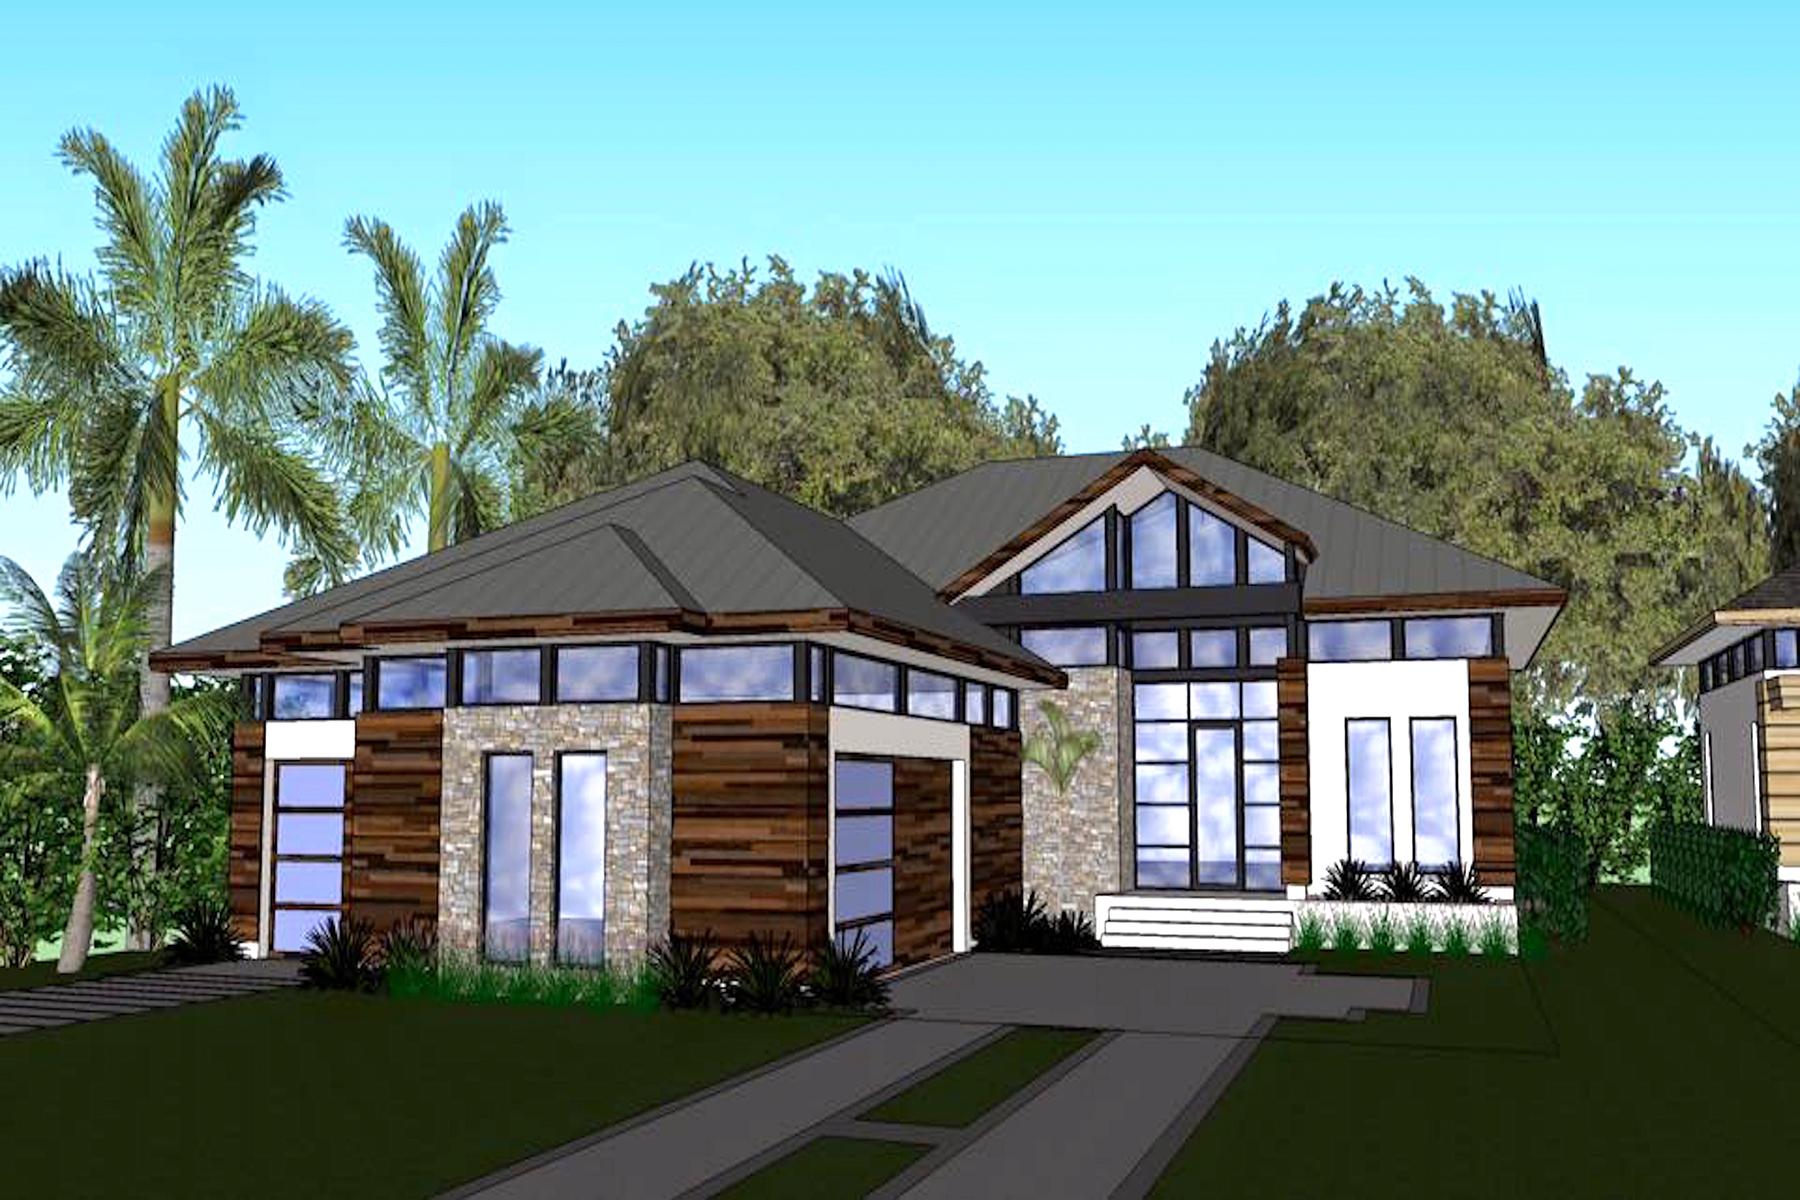 一戸建て のために 売買 アット LEGACY ESTATES 598 Lakeland Ave Lot 13 Naples, フロリダ, 34110 アメリカ合衆国